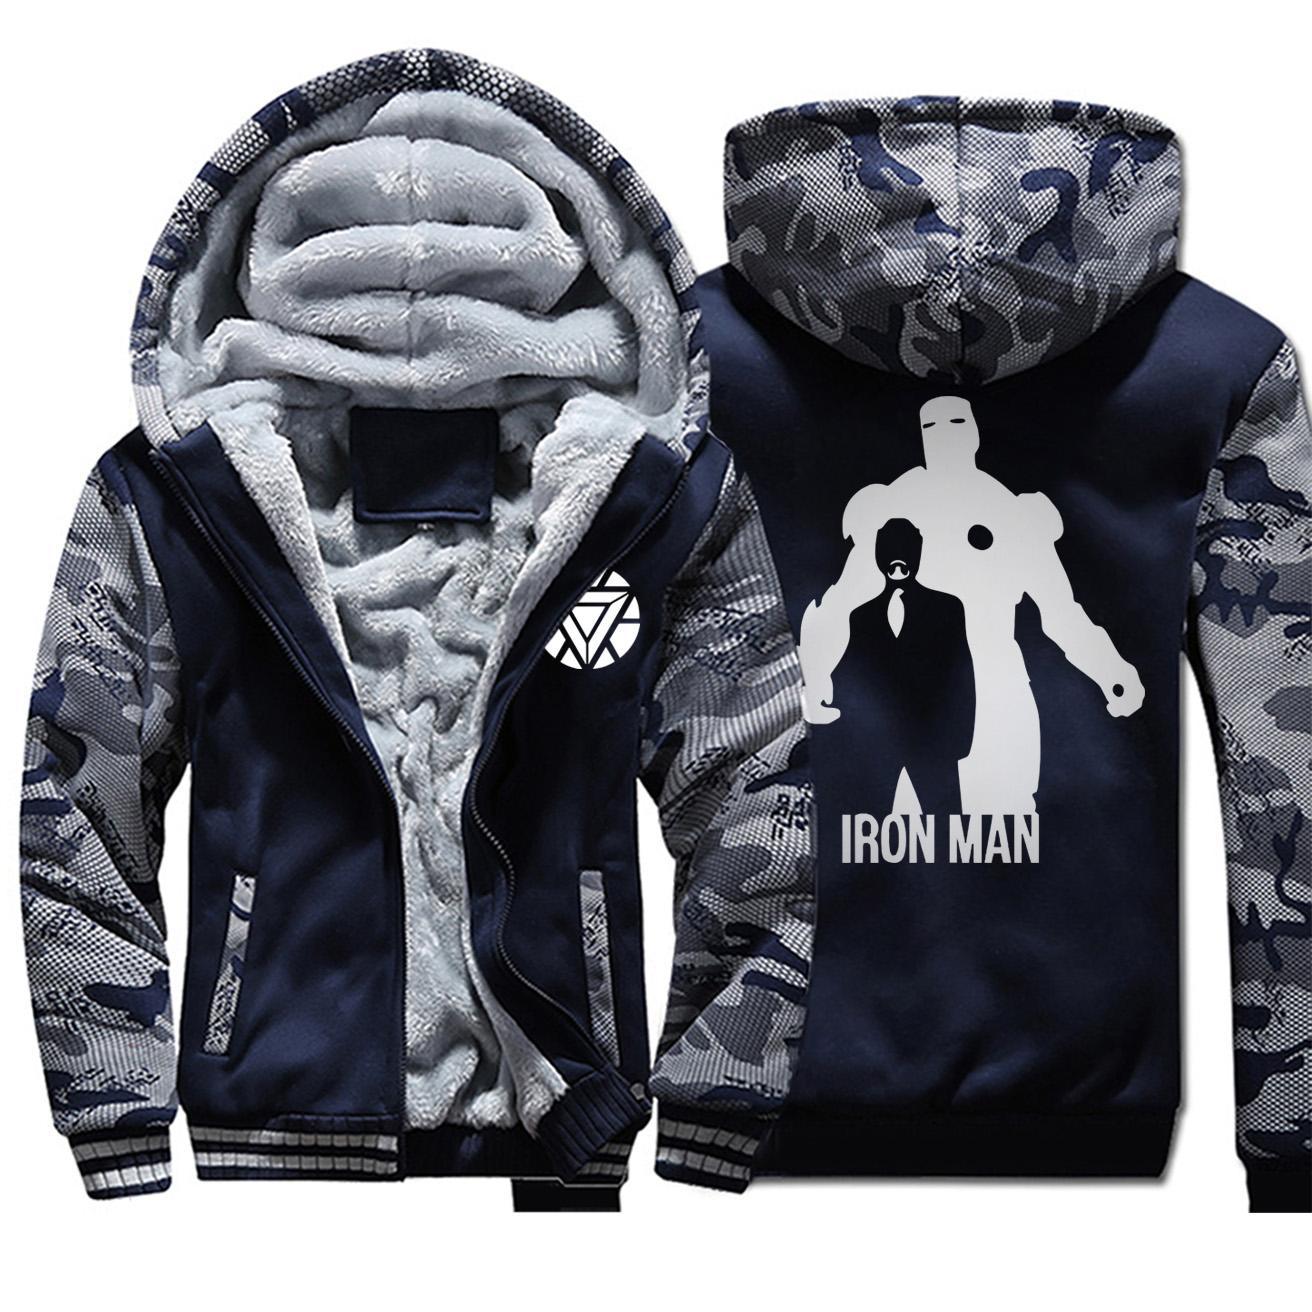 Brasão For Man 2020 Inverno Engrosse velo Iron Man Moda casacos quentes casaco com capuz Coats Camouflage Zipper Superhero Mens Jackets